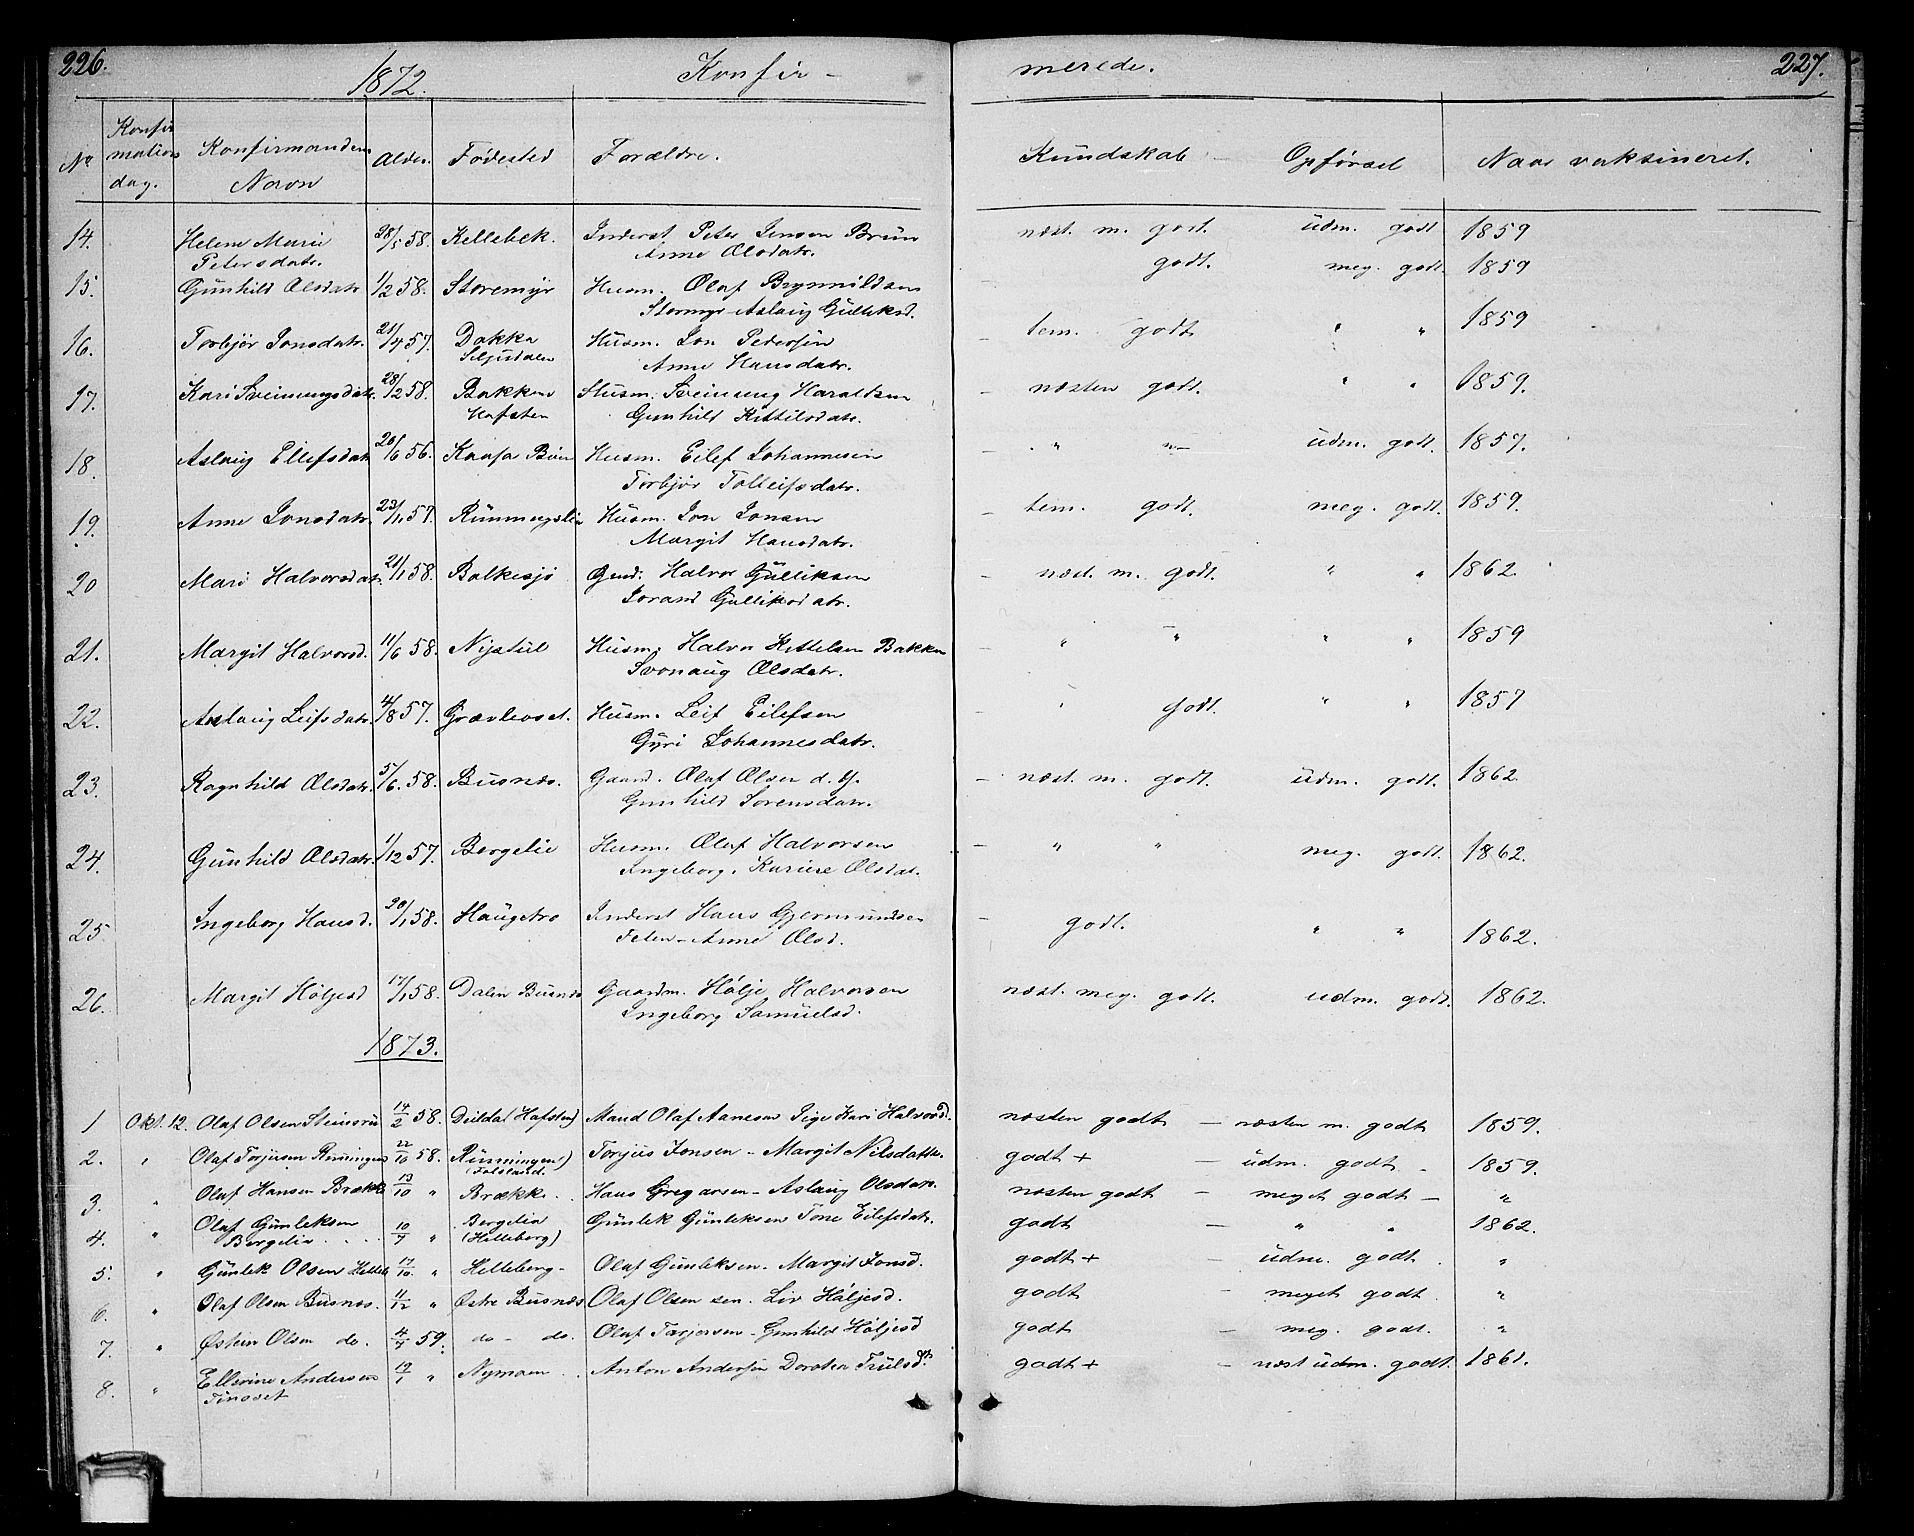 SAKO, Gransherad kirkebøker, G/Ga/L0002: Klokkerbok nr. I 2, 1854-1886, s. 226-227